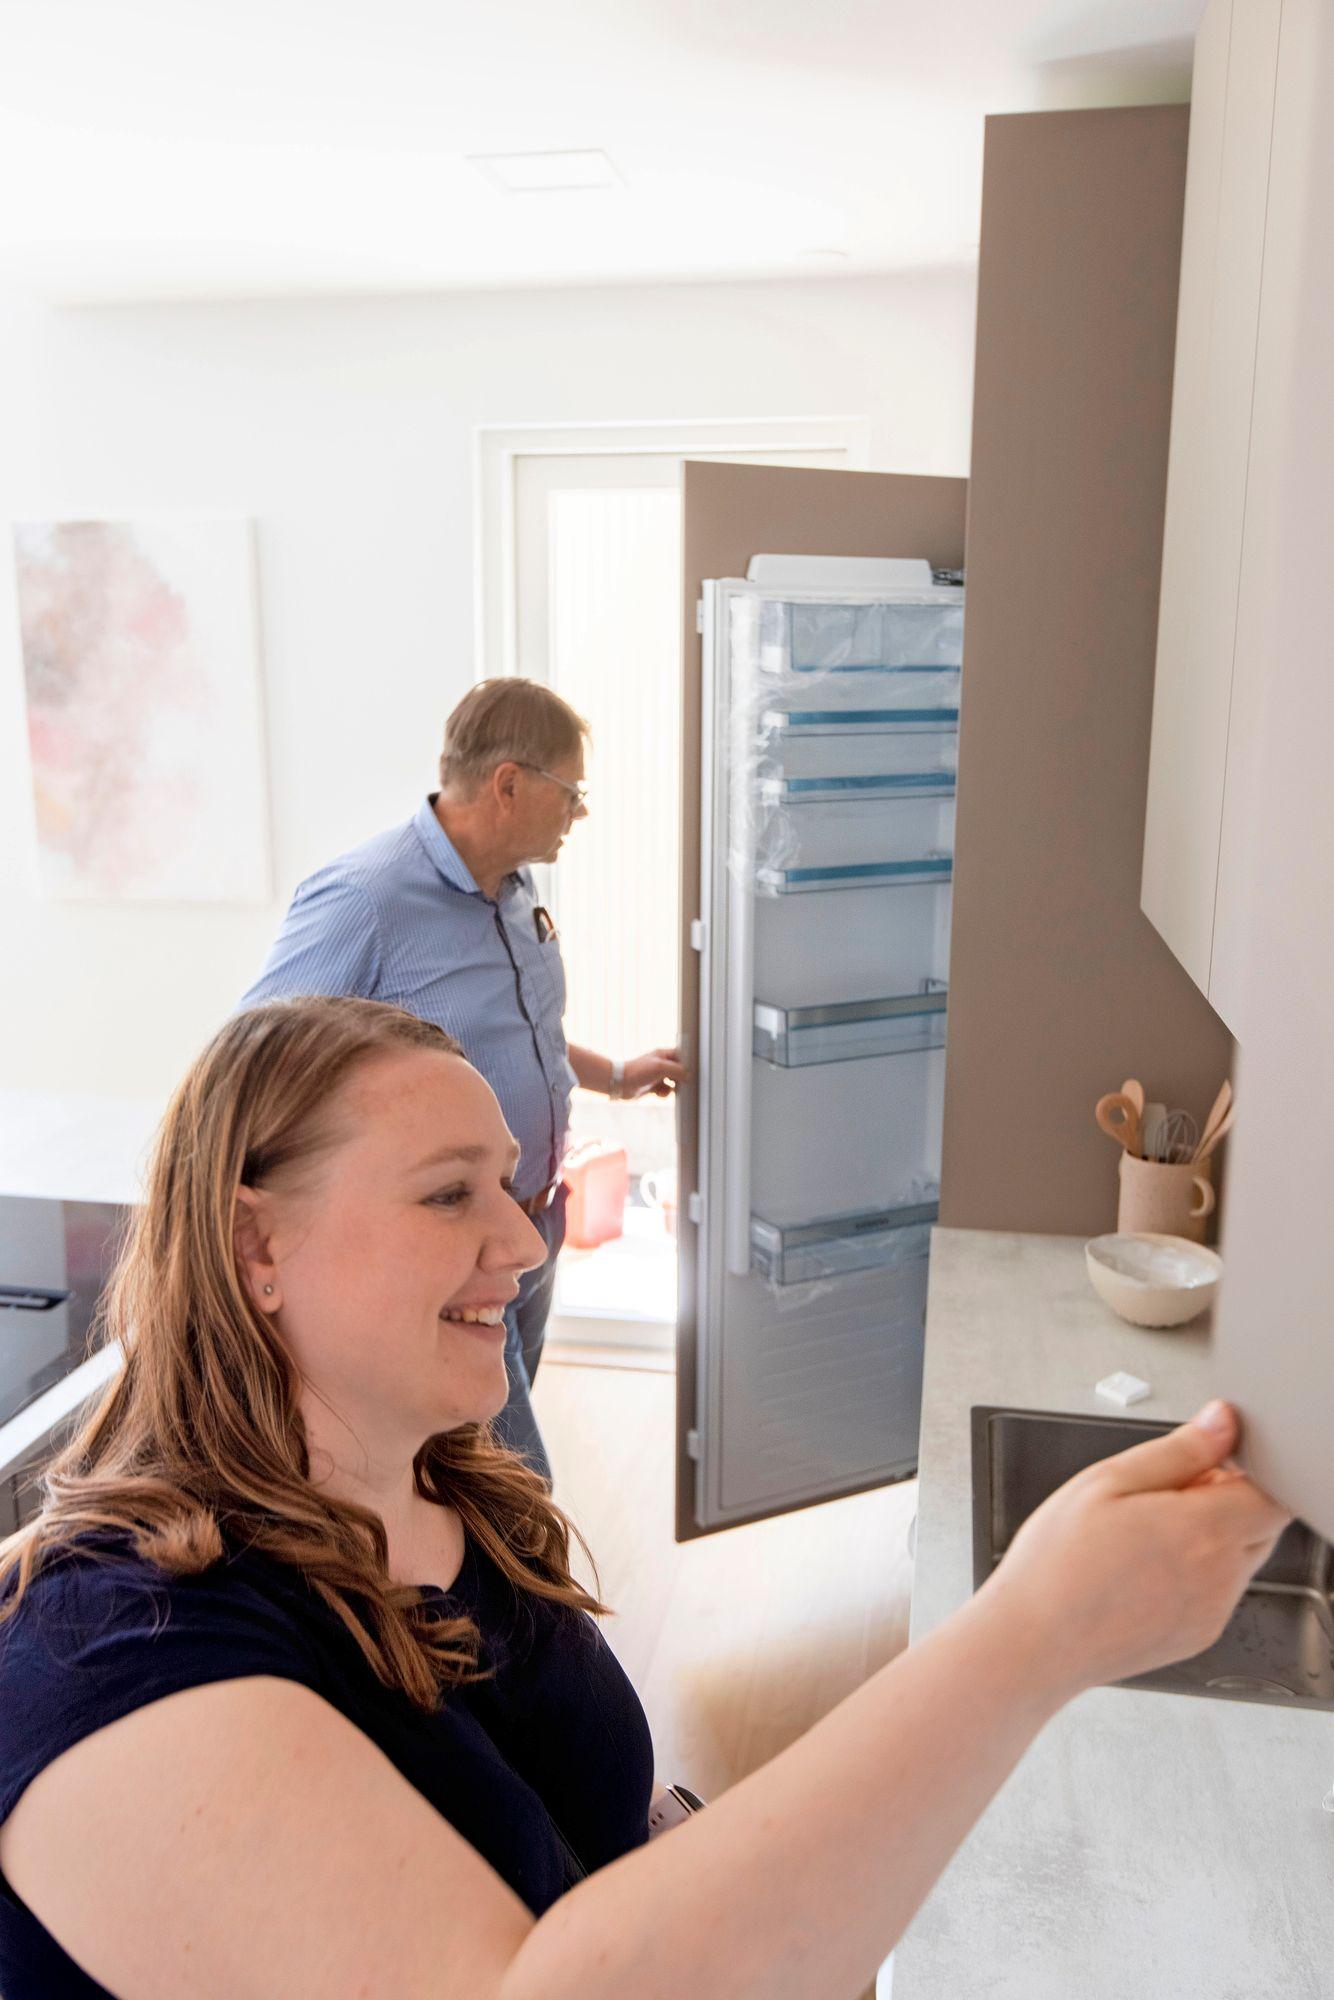 Ennen messujen avajaisia kaappeihin voi vielä kurkata. Anniina haluaisi omaan keittiöönsä leivontakaapin, jossa tarvikkeet olisivat valmiina, kun inspiraatio iskee. © Tommi Tuomi